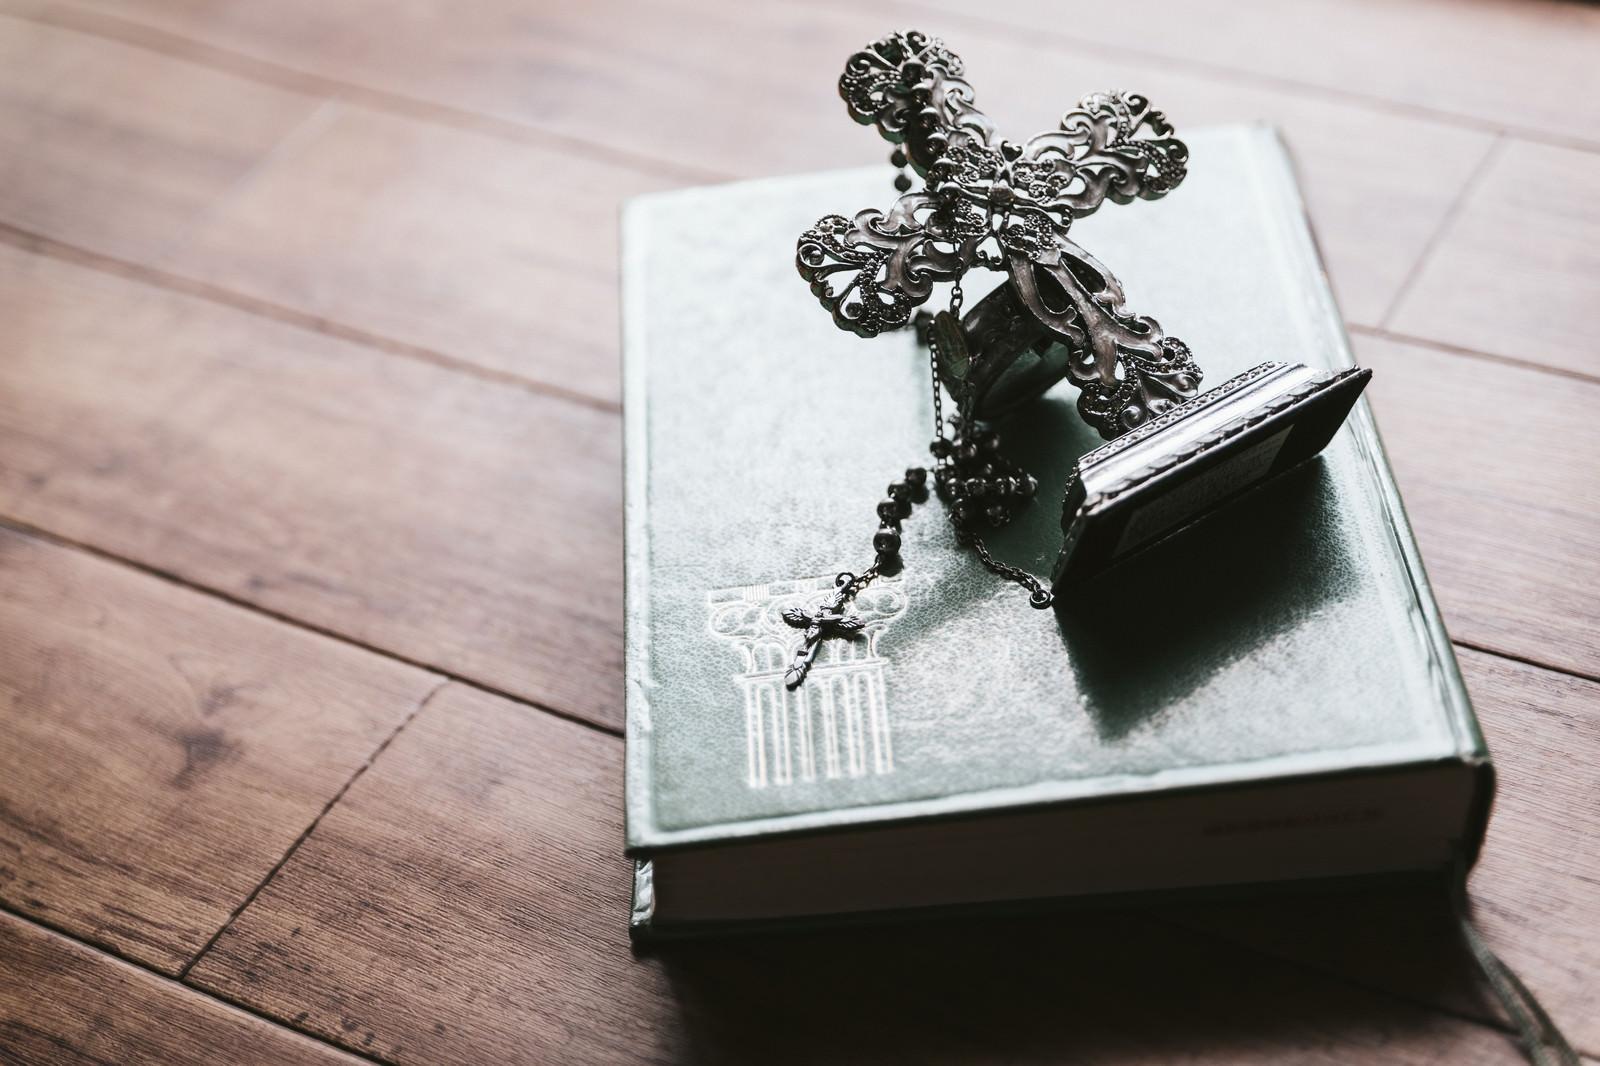 「十字架の燭台とロザリオ(聖書)」の写真